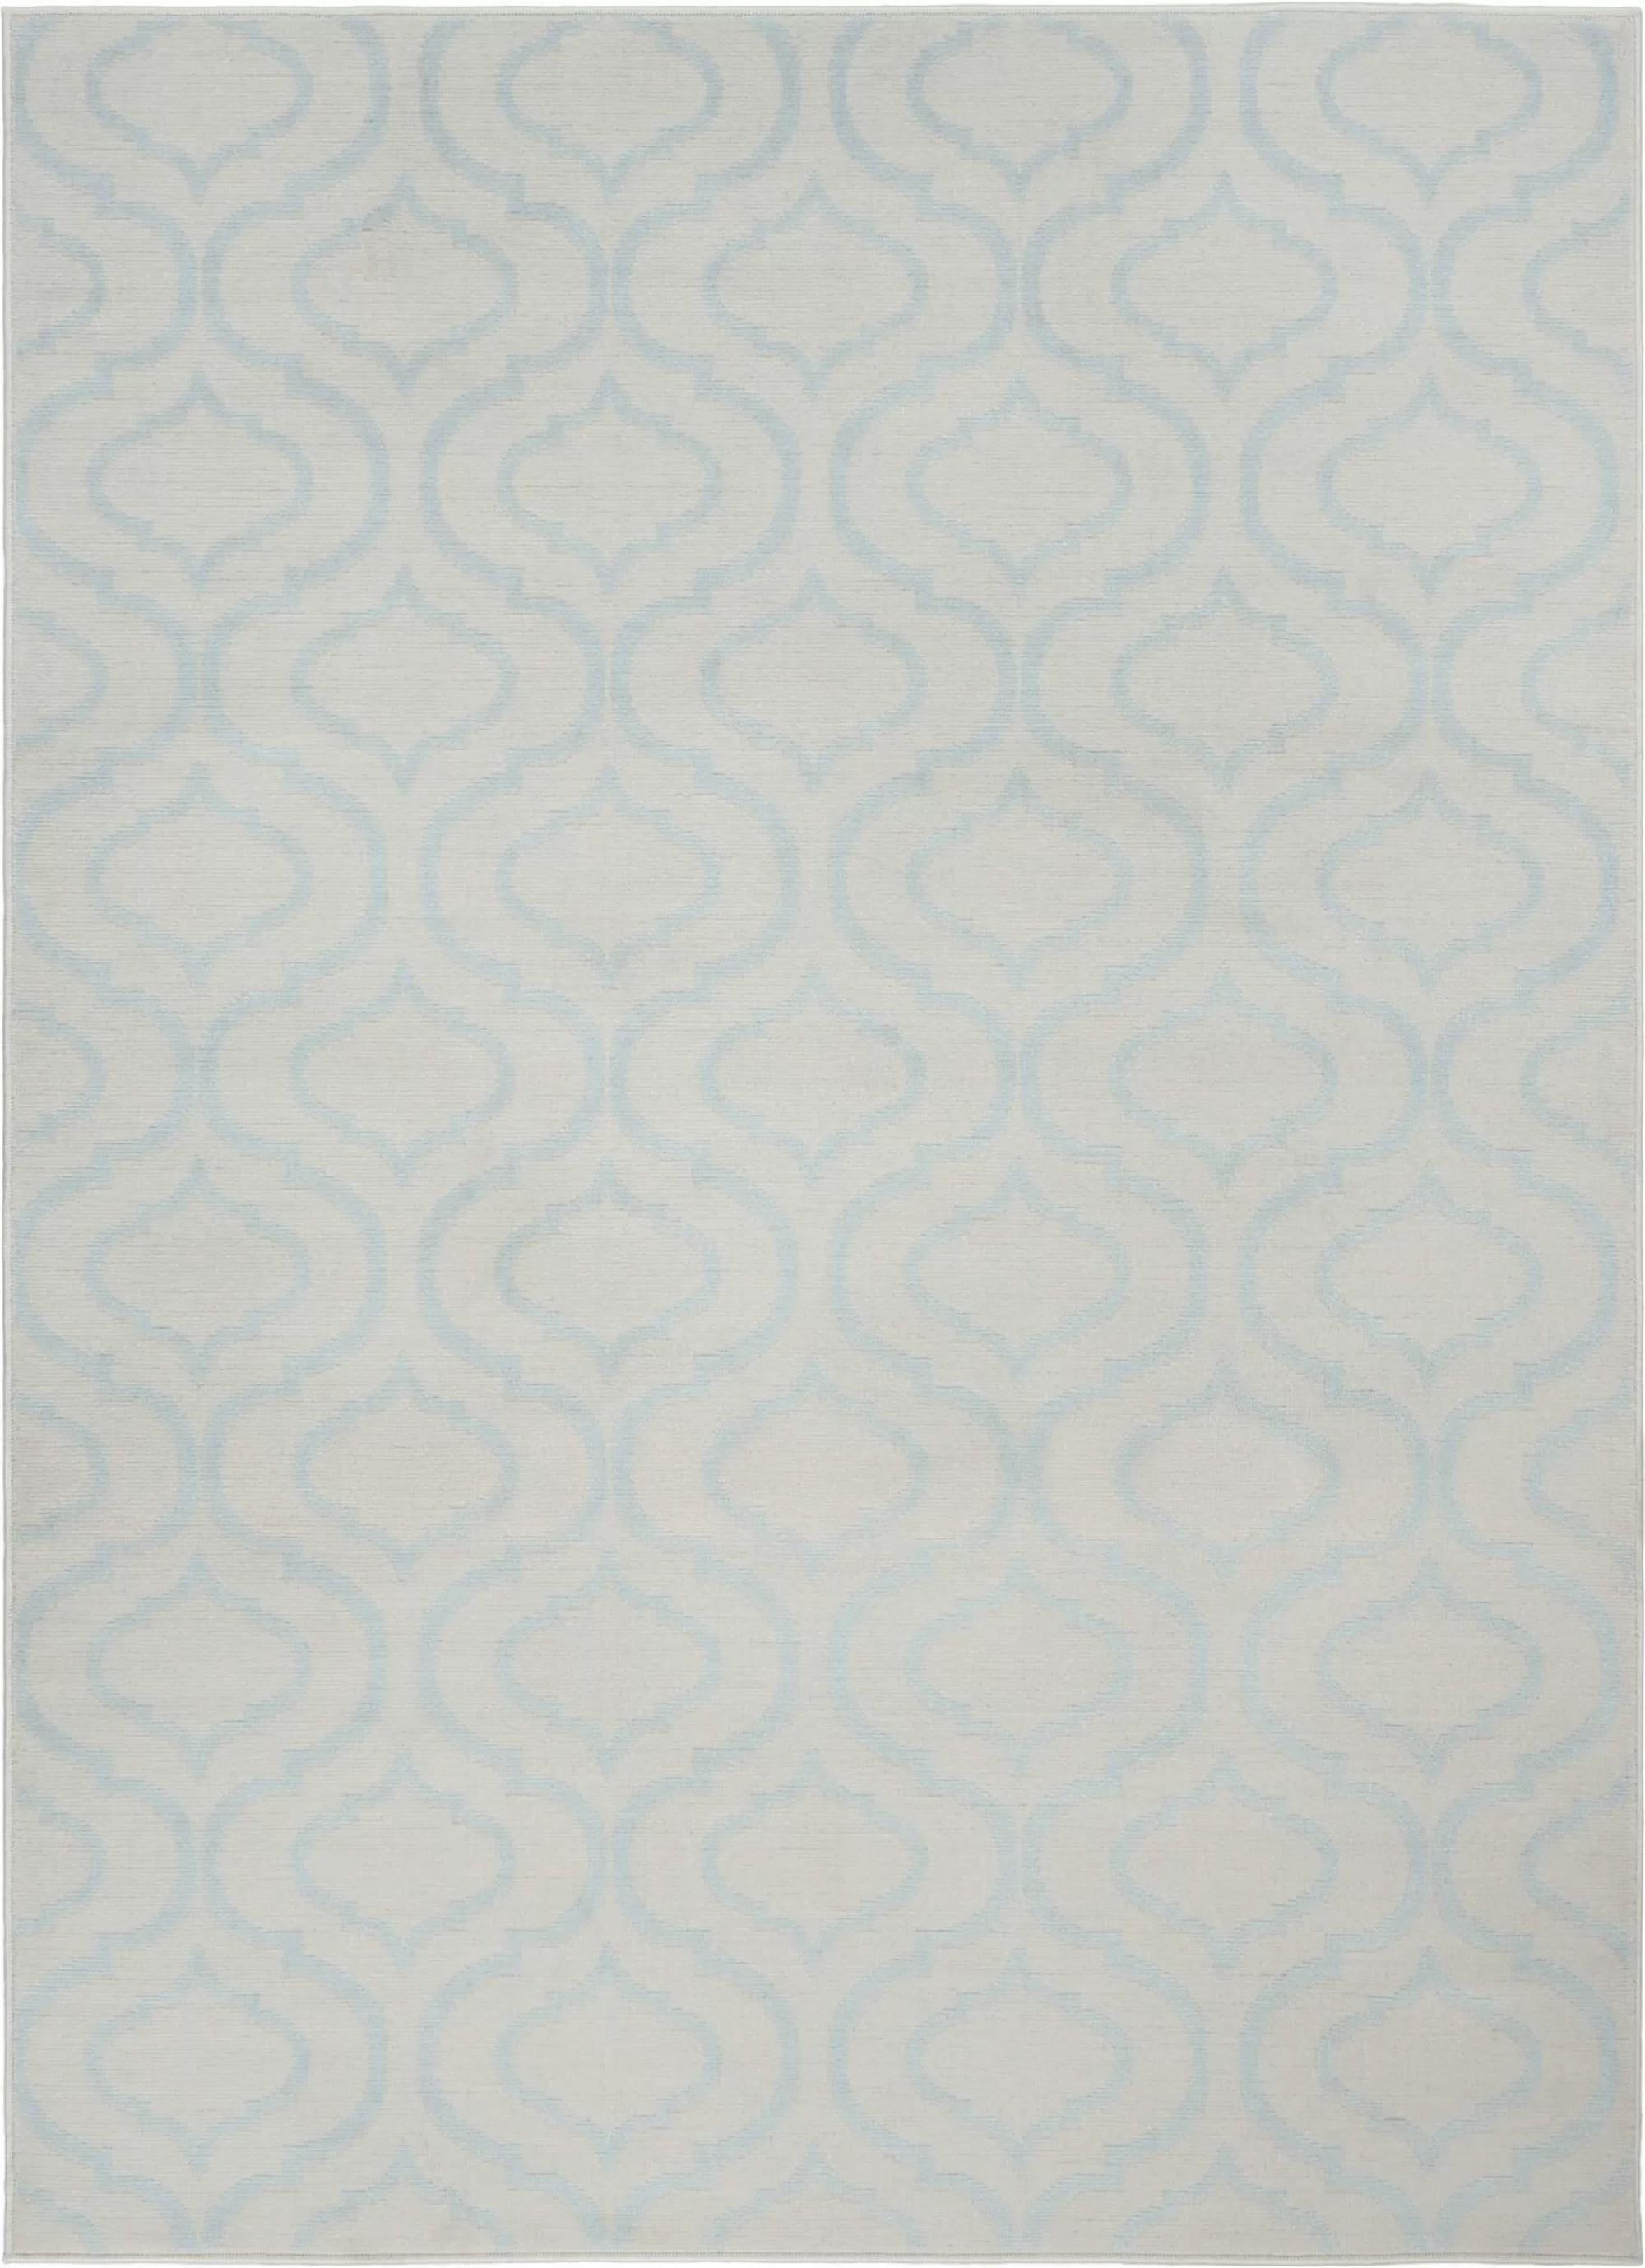 Waverly Baby Eloy Geometric Ivory Light Blue Area Rug